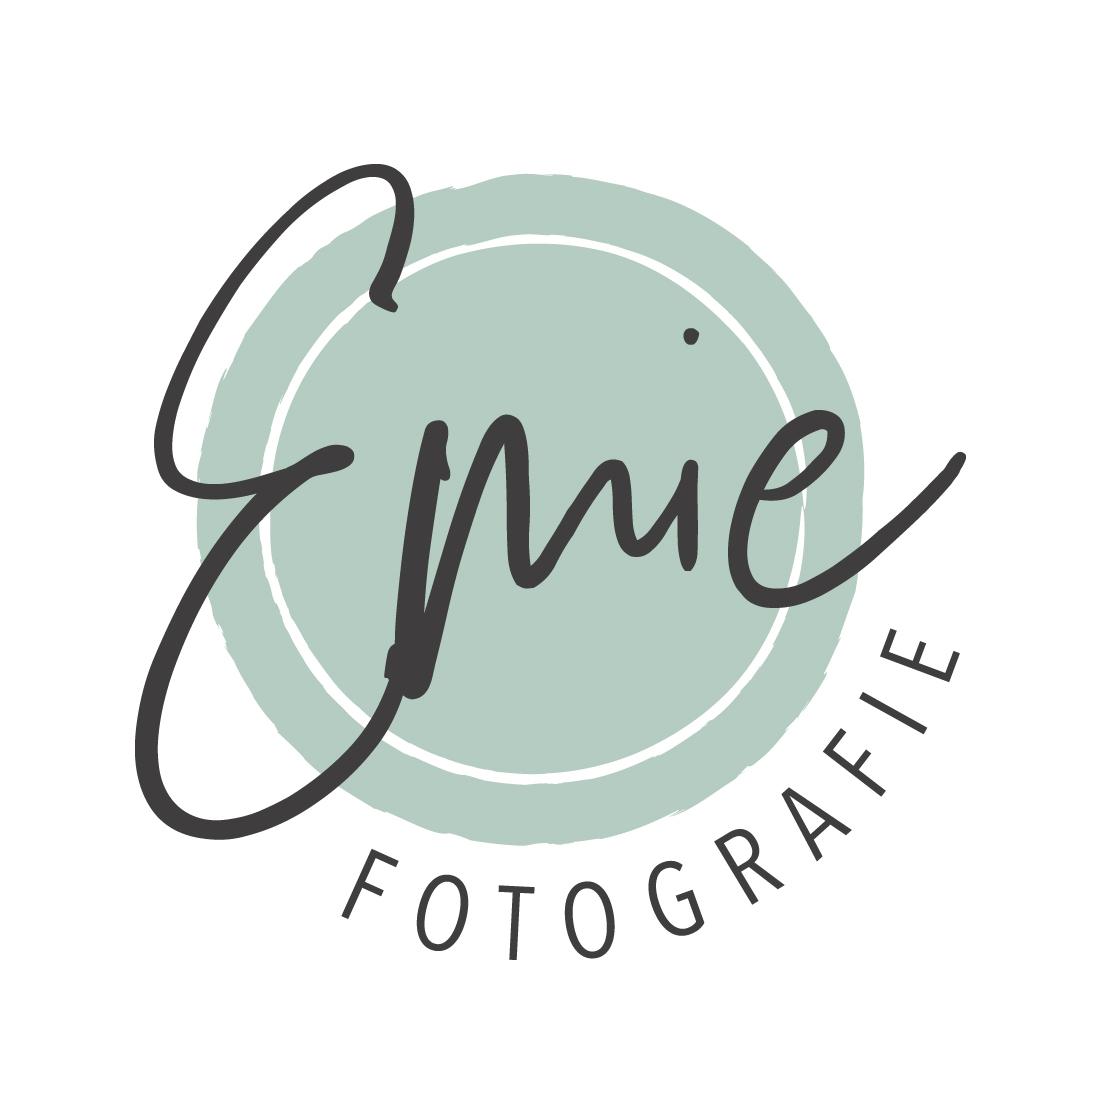 Logo Emie Fotografie Blitz Ontwerpt